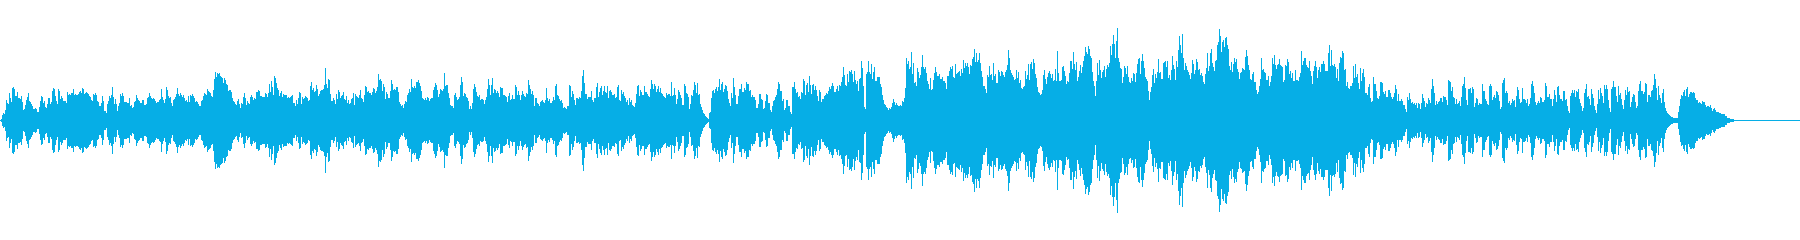 ゆったりとした一日の始まりBGMの再生済みの波形